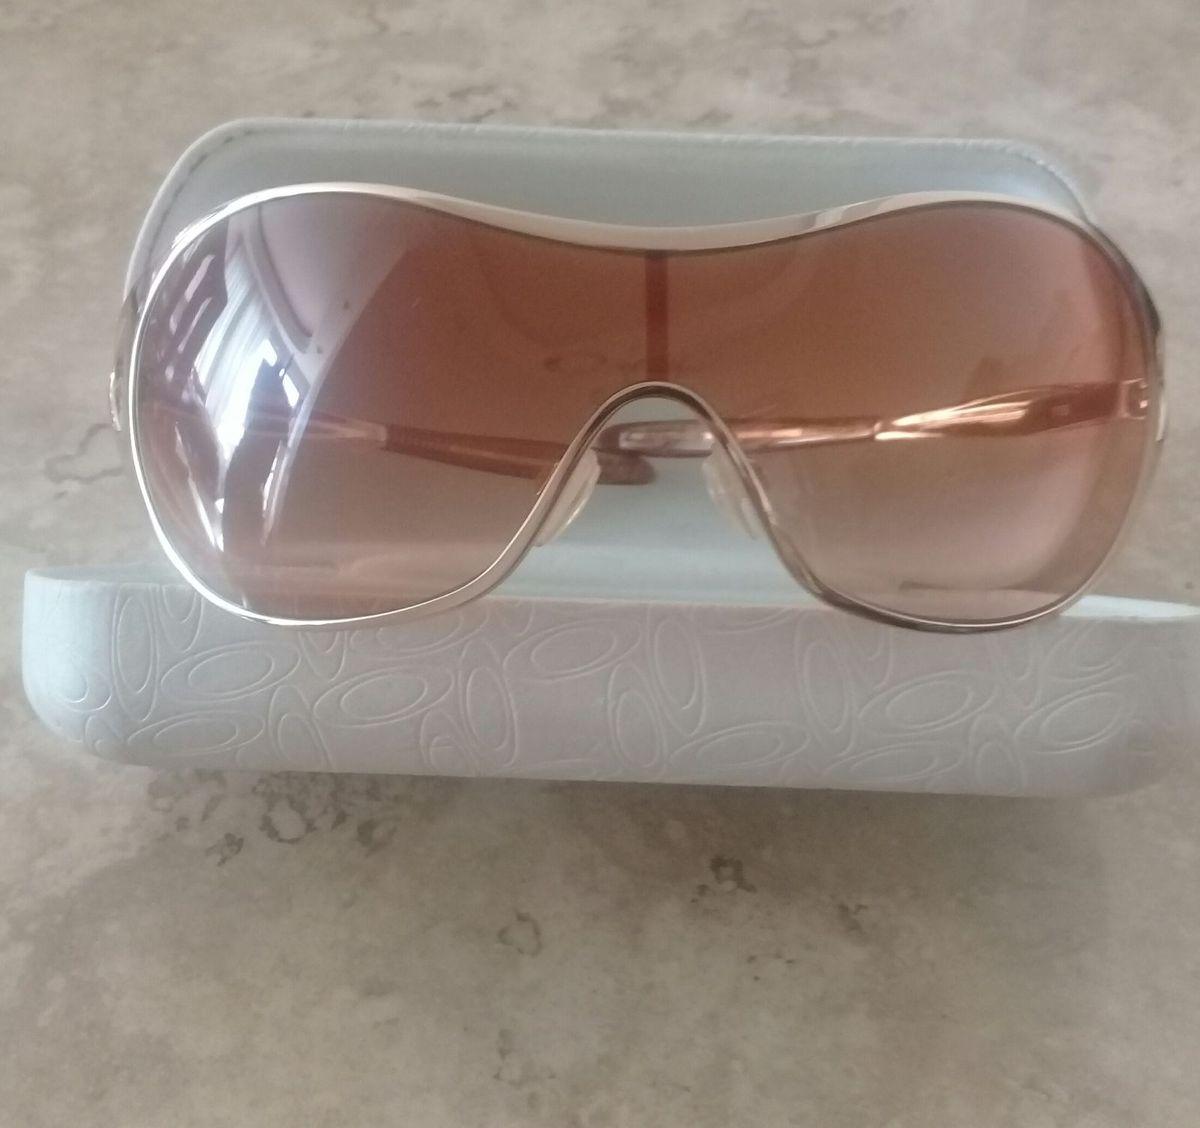 2fa1a75b44a15 óculos oakley deception feminino - óculos oakley.  Czm6ly9wag90b3muzw5qb2vplmnvbs5ici9wcm9kdwn0cy85mja1odiylze3ymuyowq4zgzhzmm1yjhiytllmjq1nmq1n2e4zjk0lmpwzw  ...